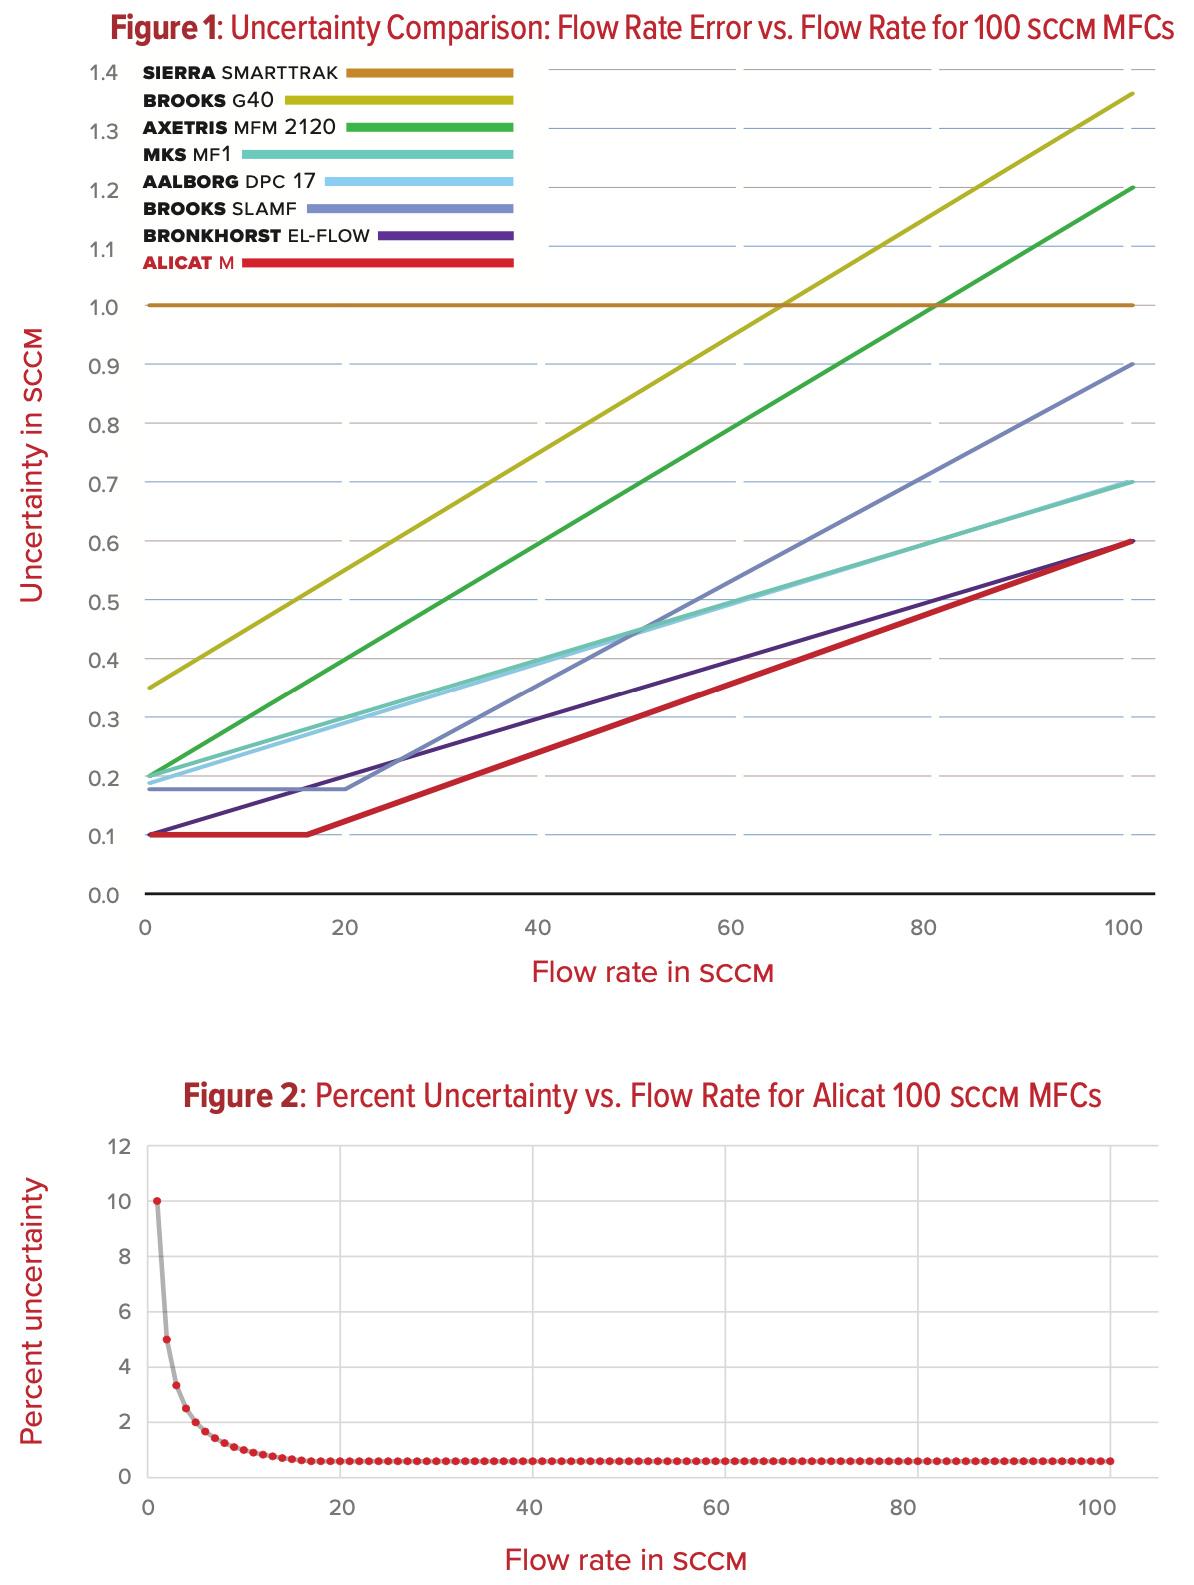 Uncertainty comparison charts